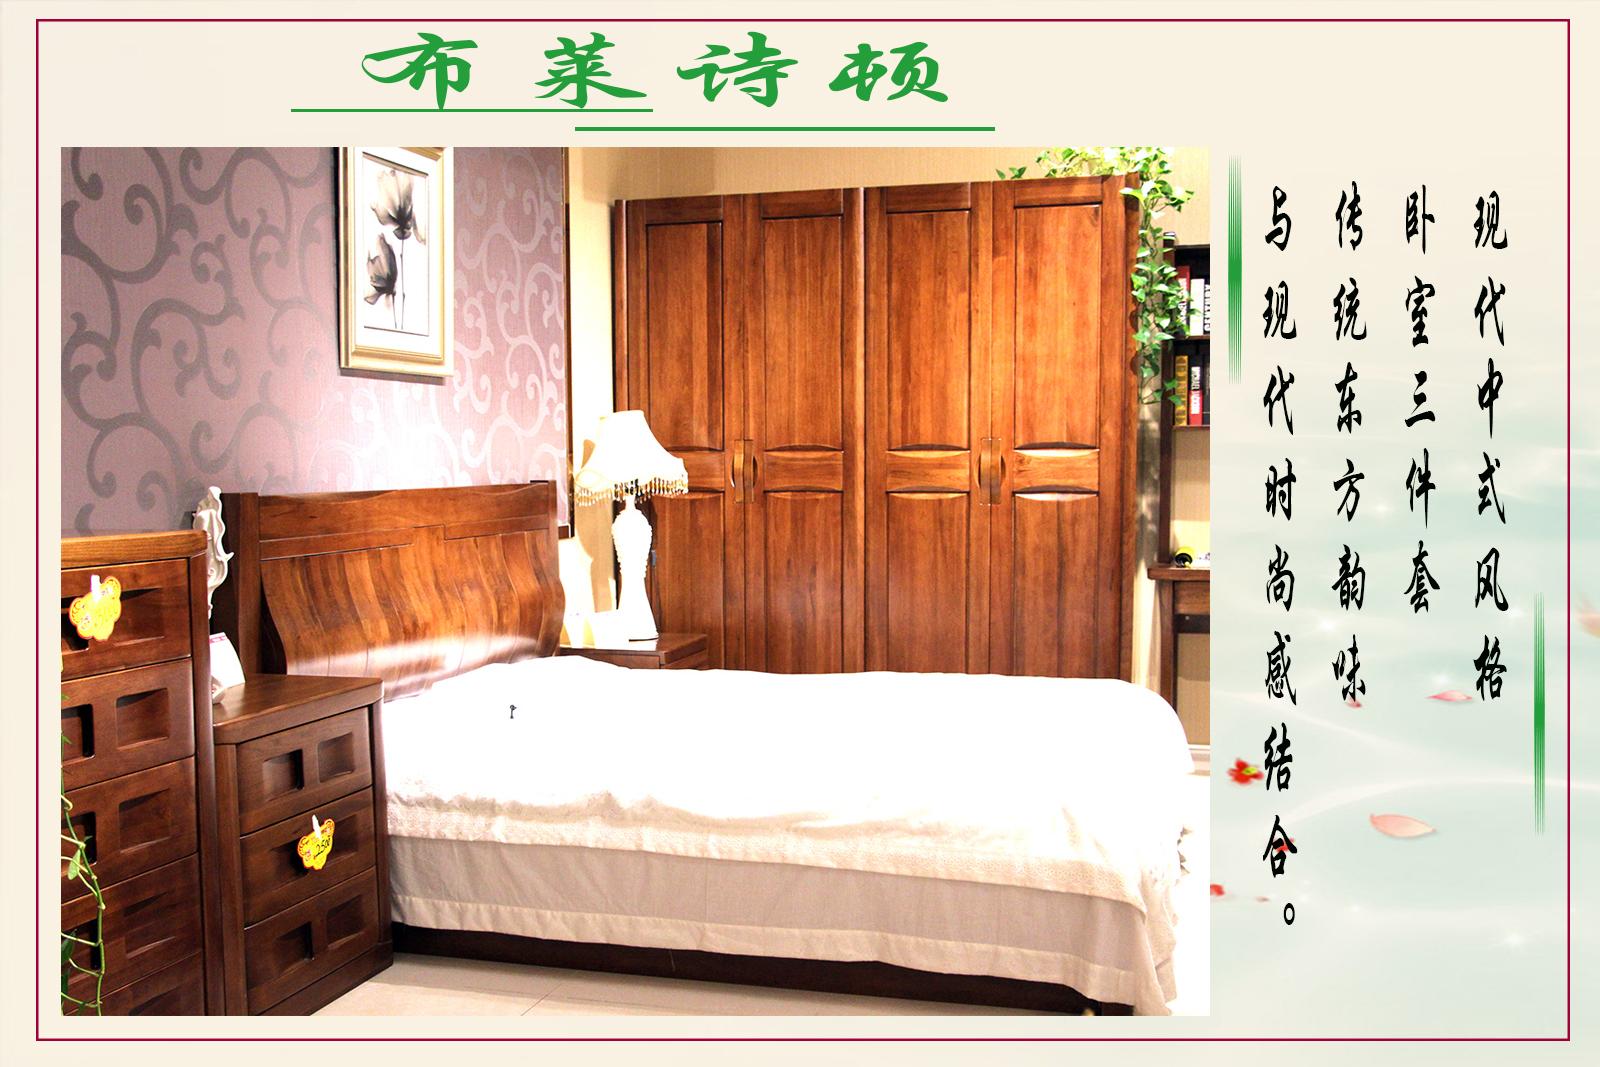 布莱诗顿中式风家具 打造典雅大气卧室环境